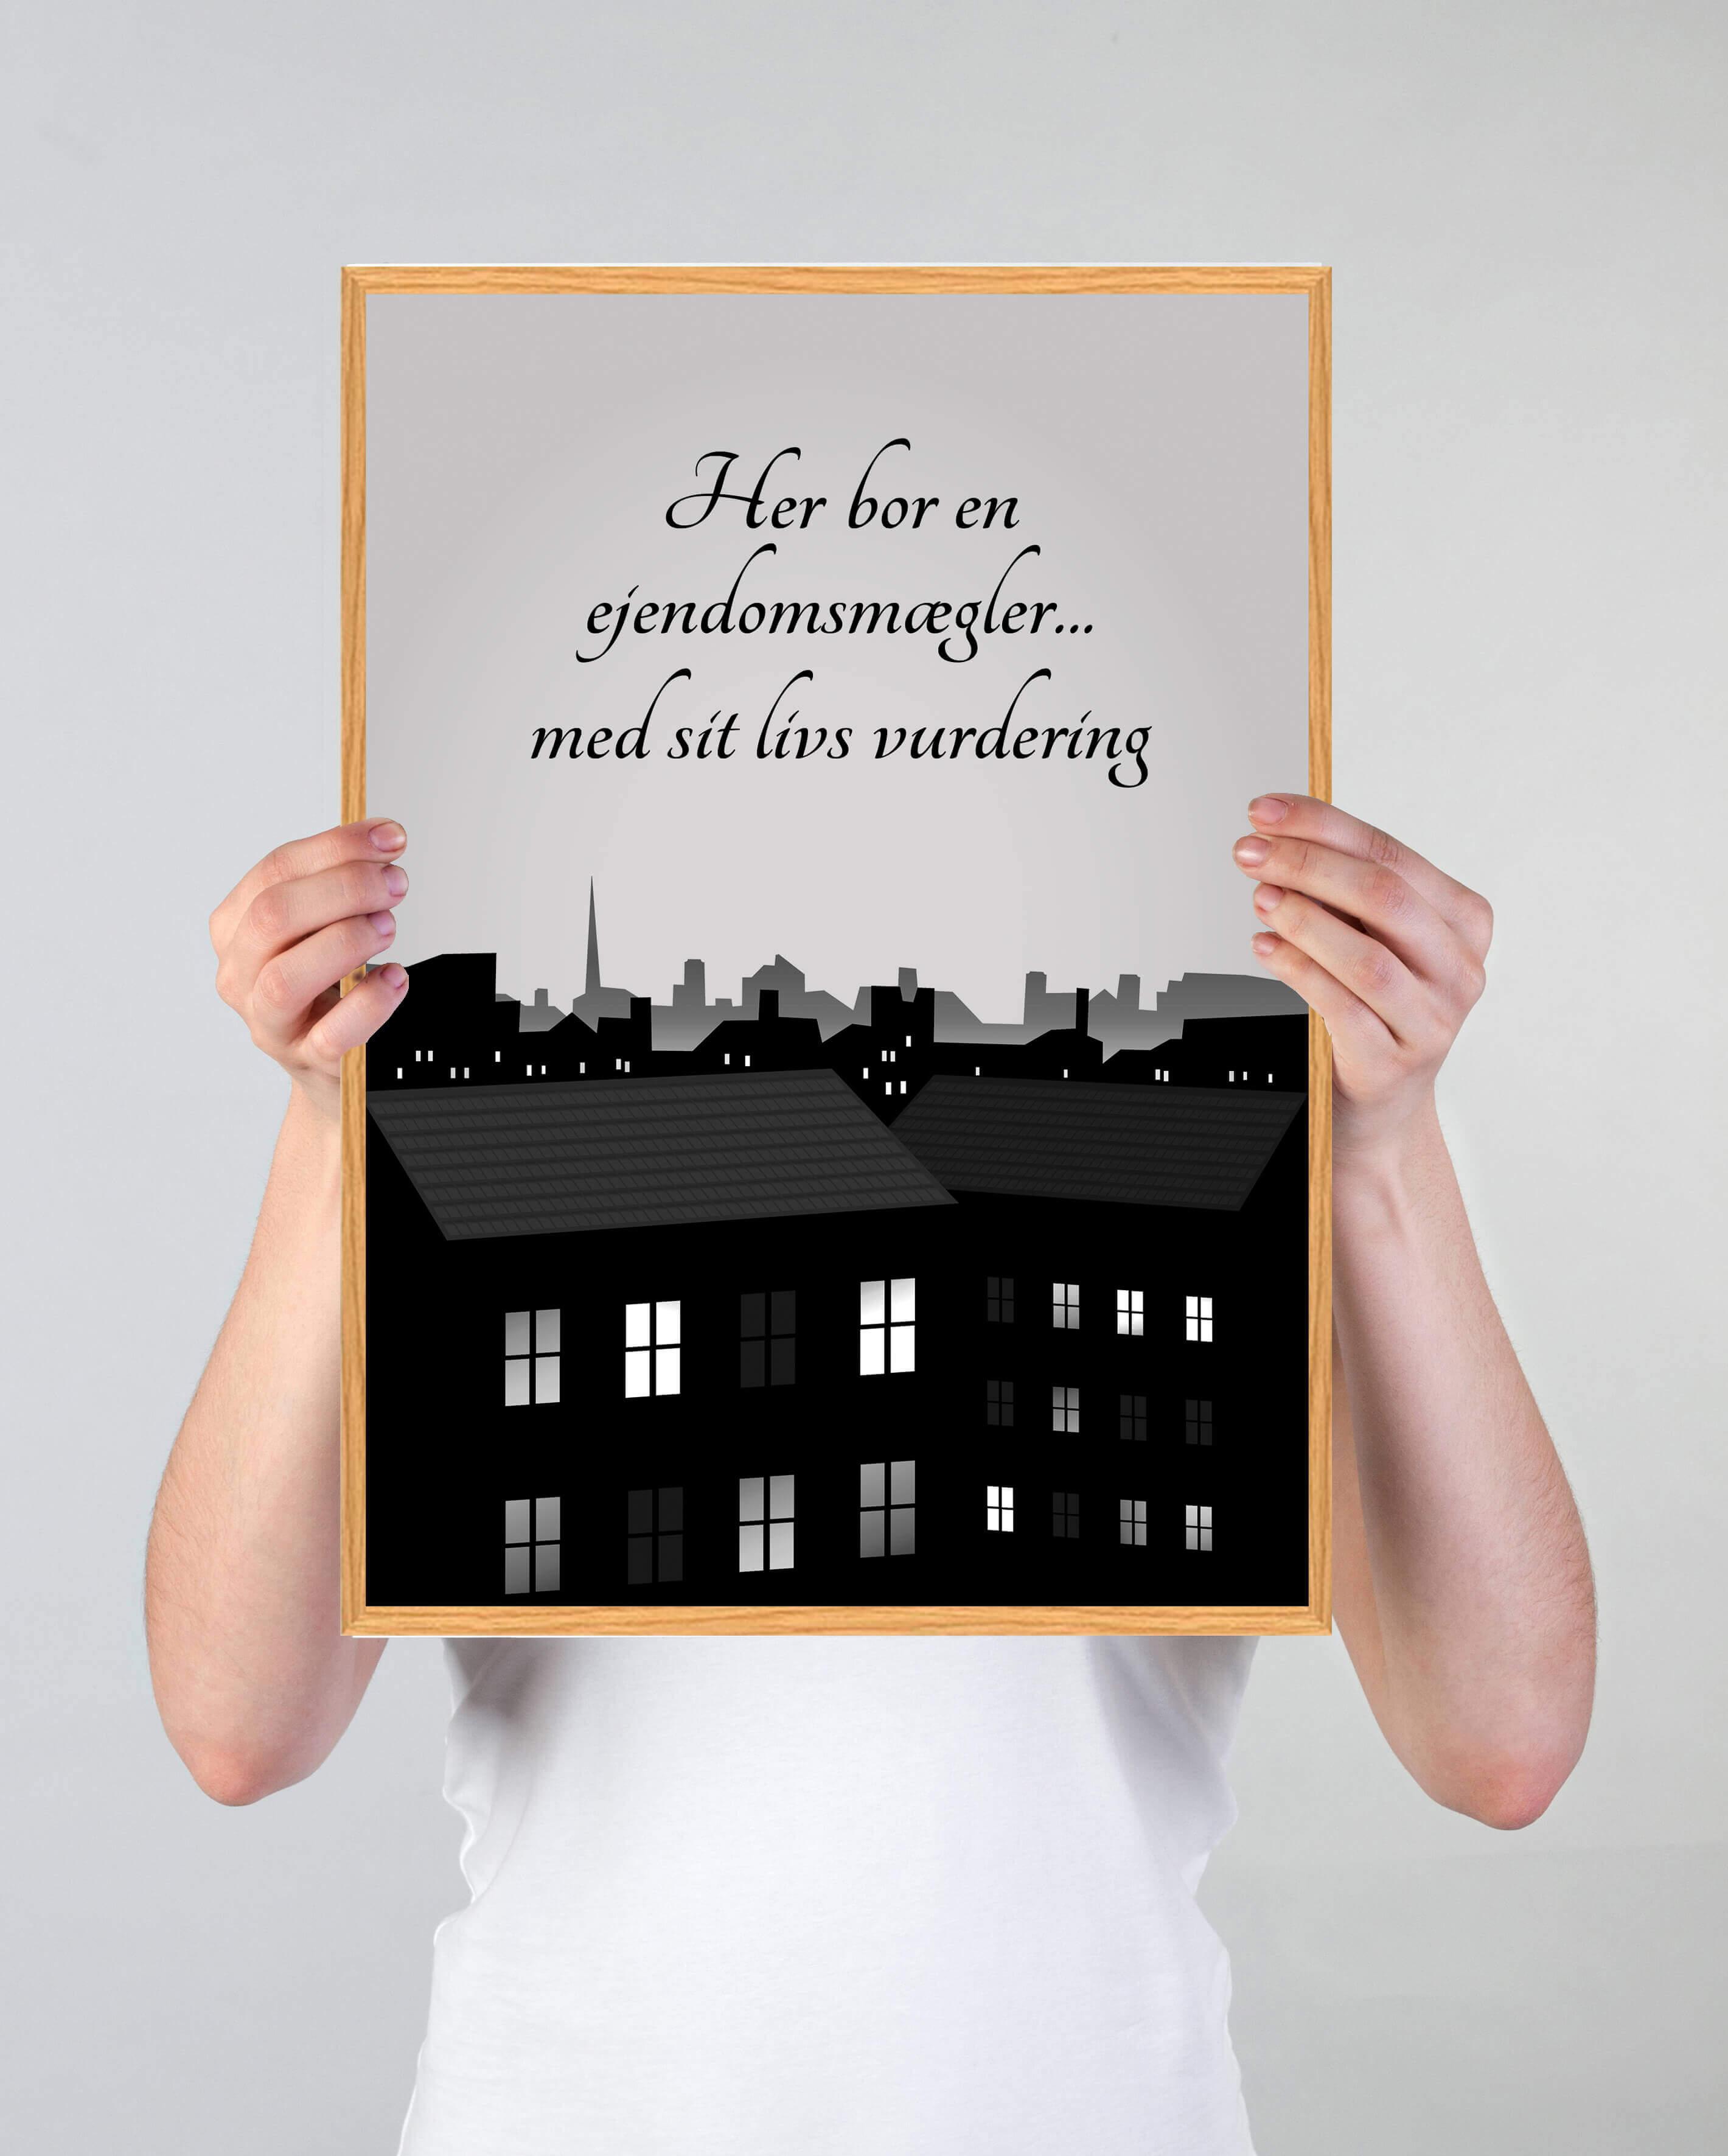 ejendomsmaegler-job-plakat-3